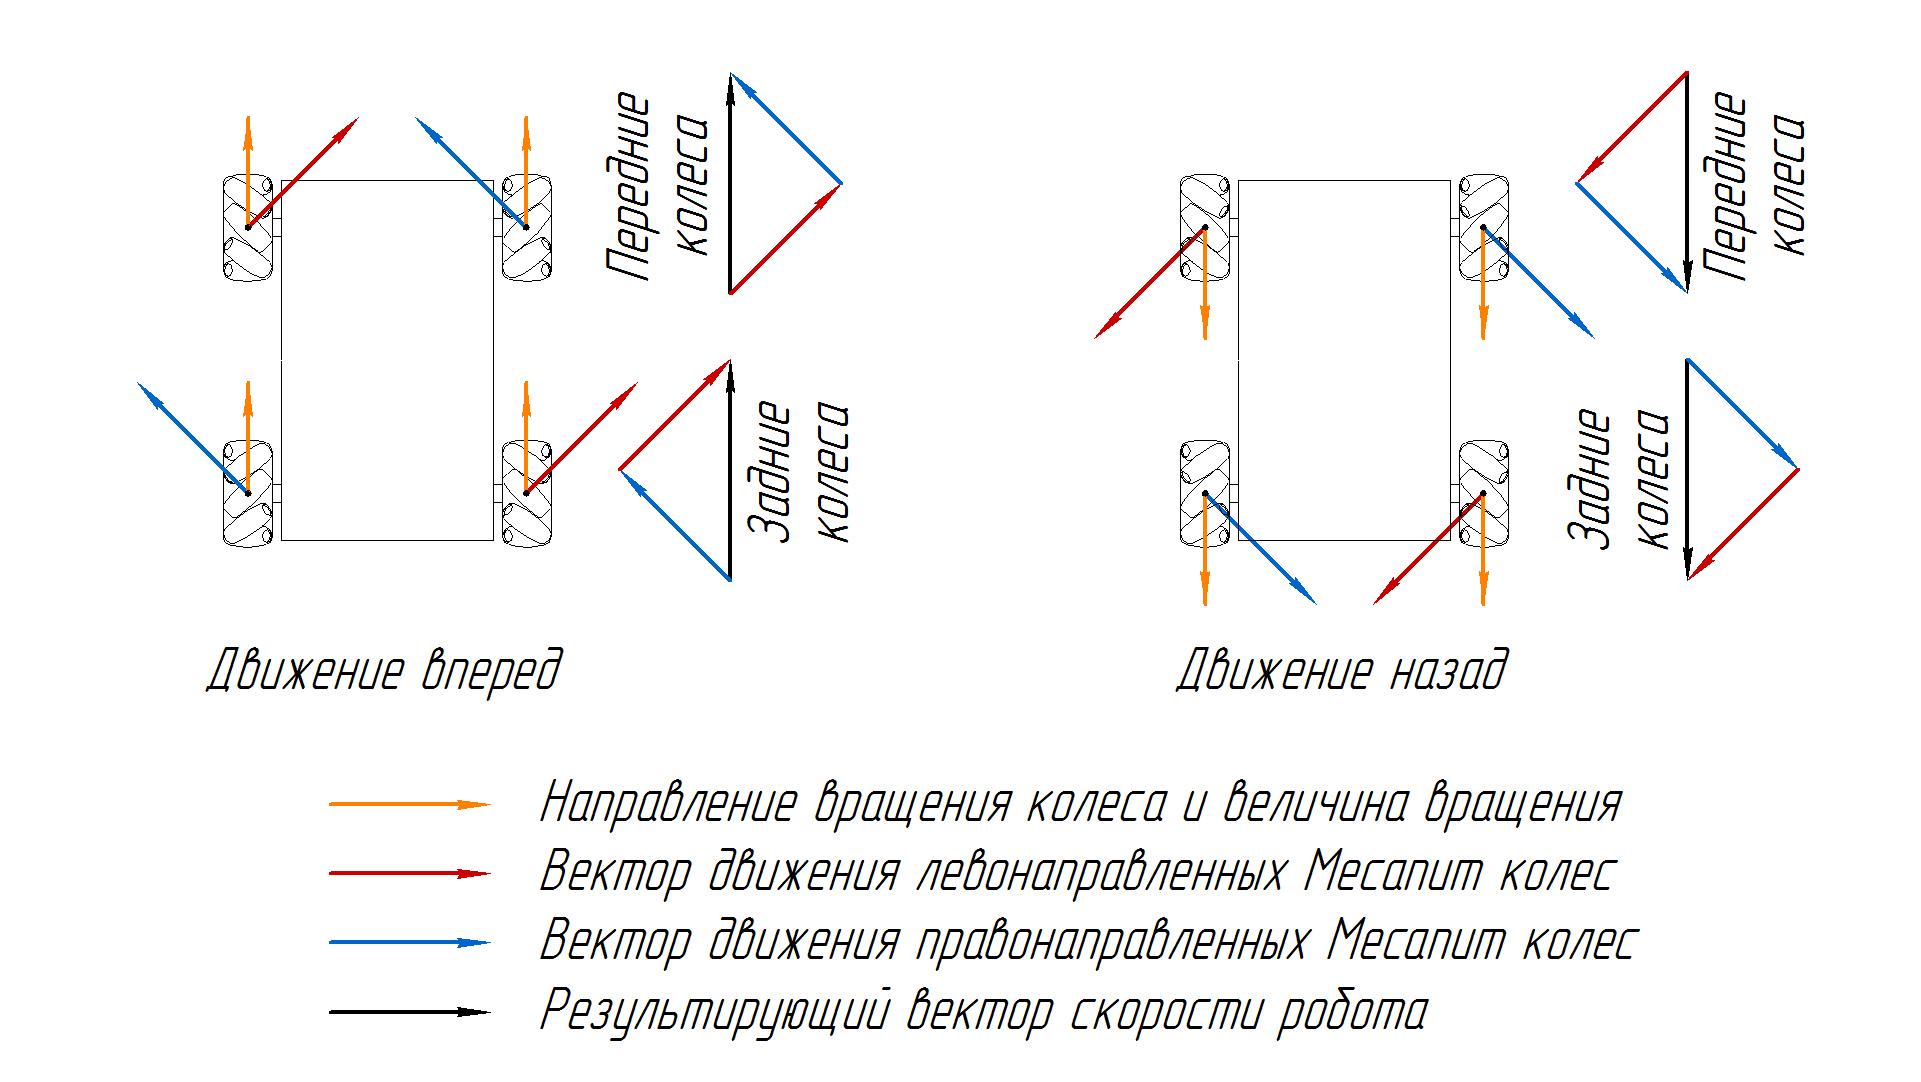 part_1_ru_robot_drive_6_scheme_1.png